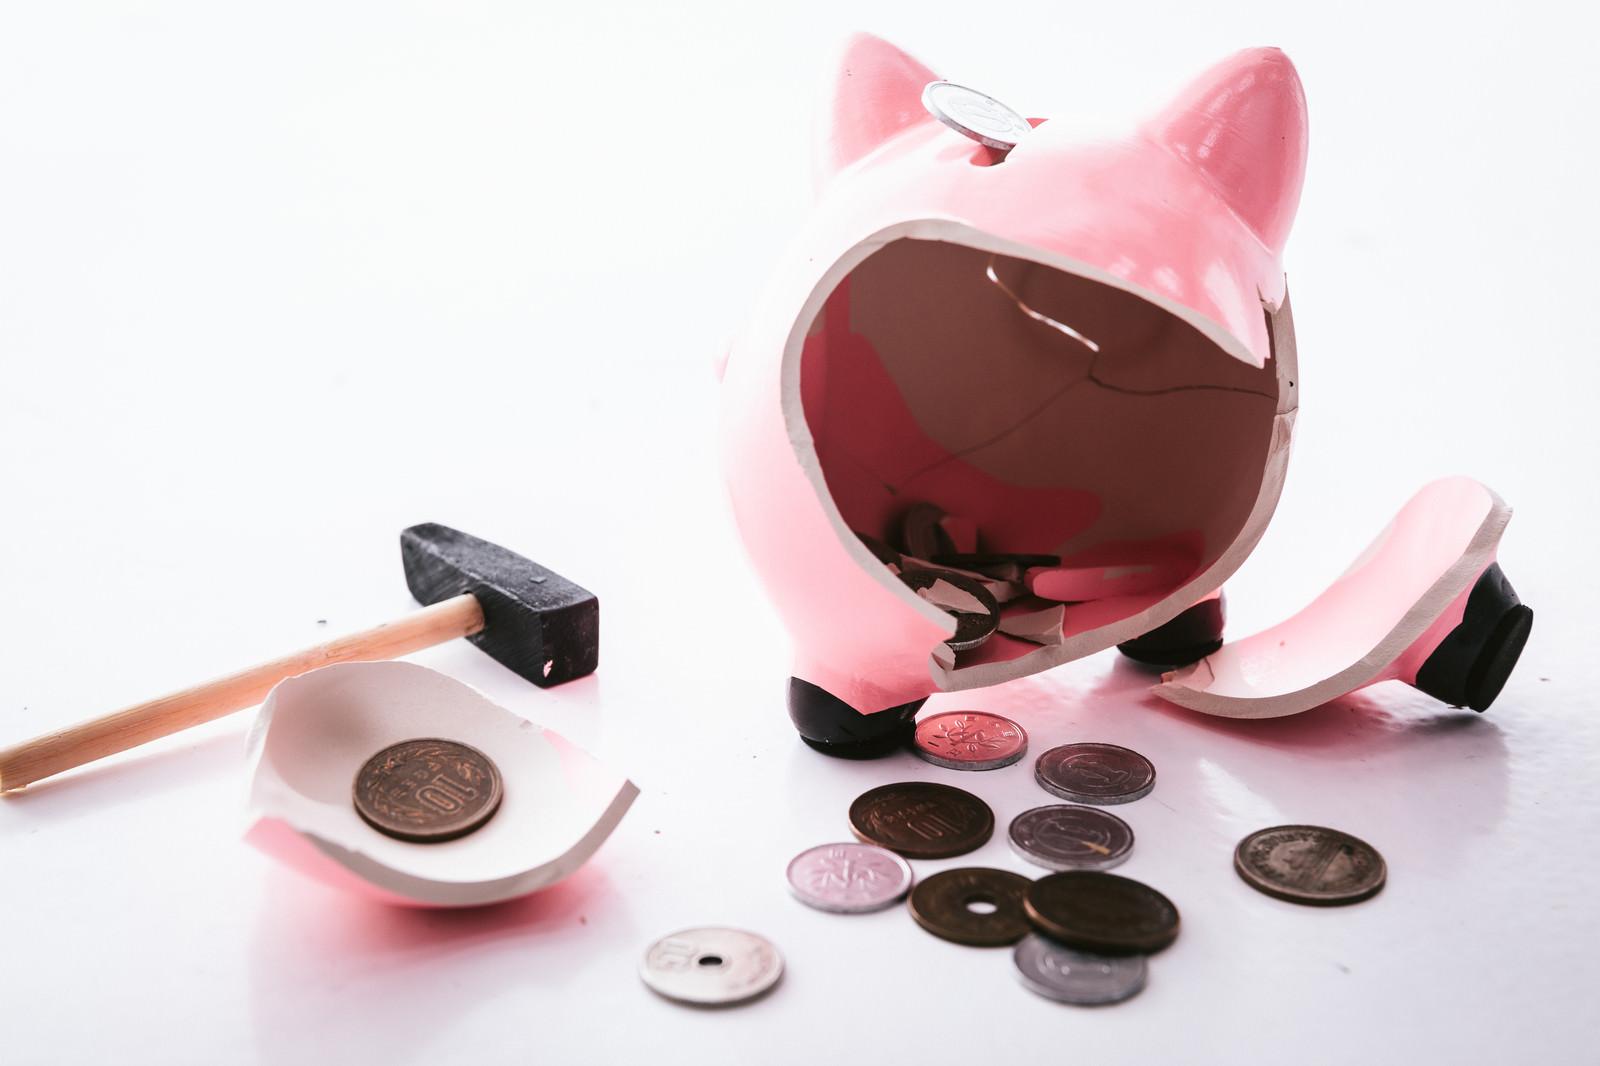 「貯金箱に入っていた小銭」の写真